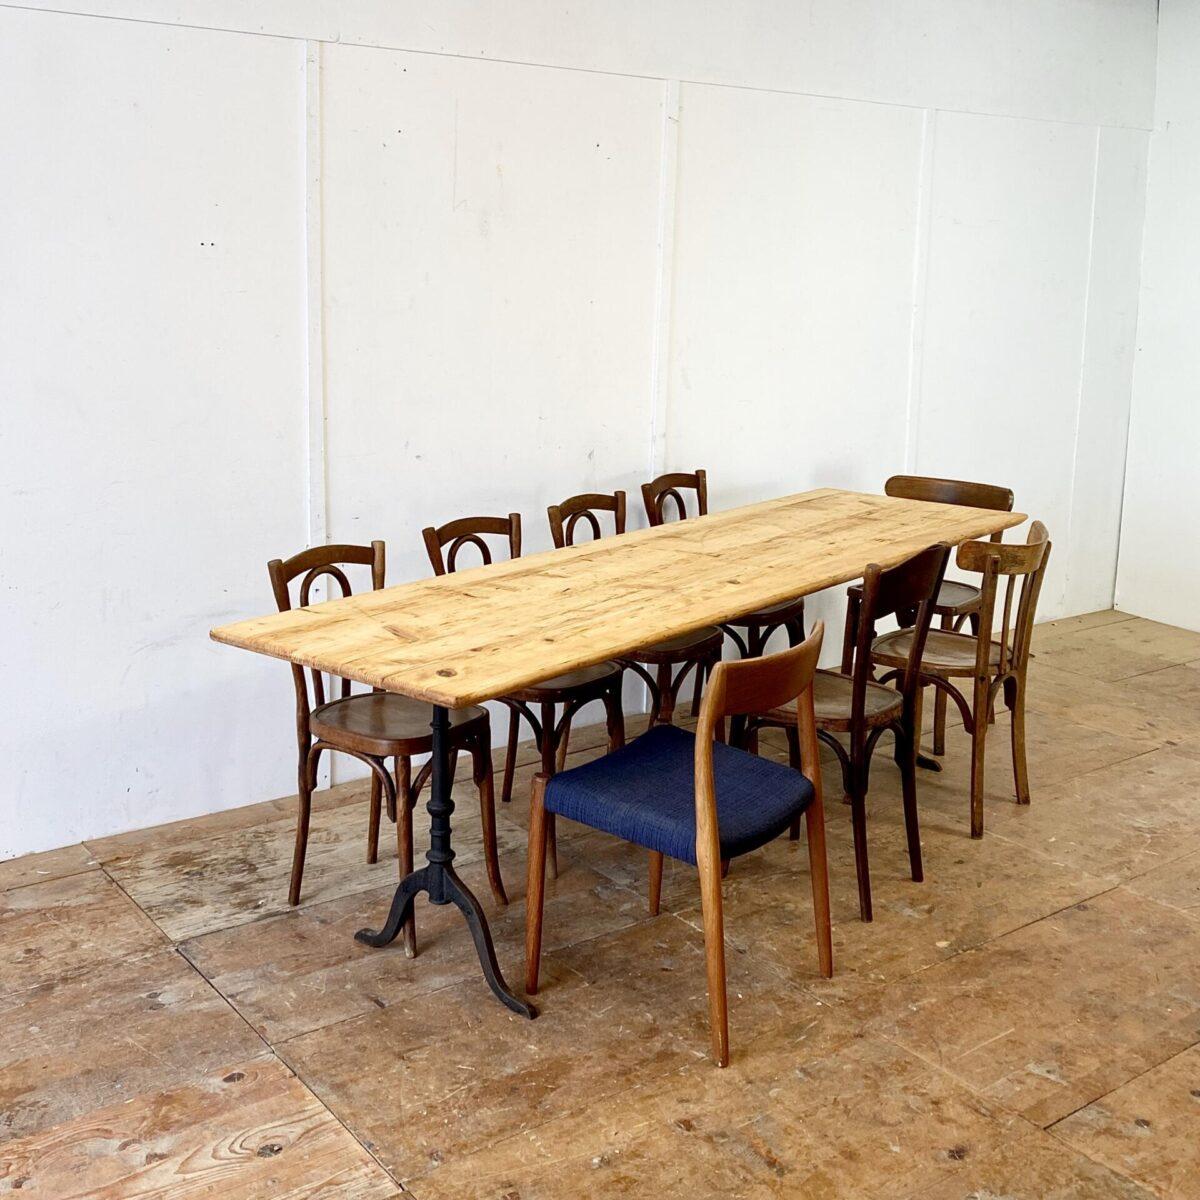 Einfacher alter Beizentisch aus Tannenholz. 250x70cm Höhe 74.5cm. Verlebtes Tischblatt mit Patina frisch aufbereitet, Holzoberfläche geölt.